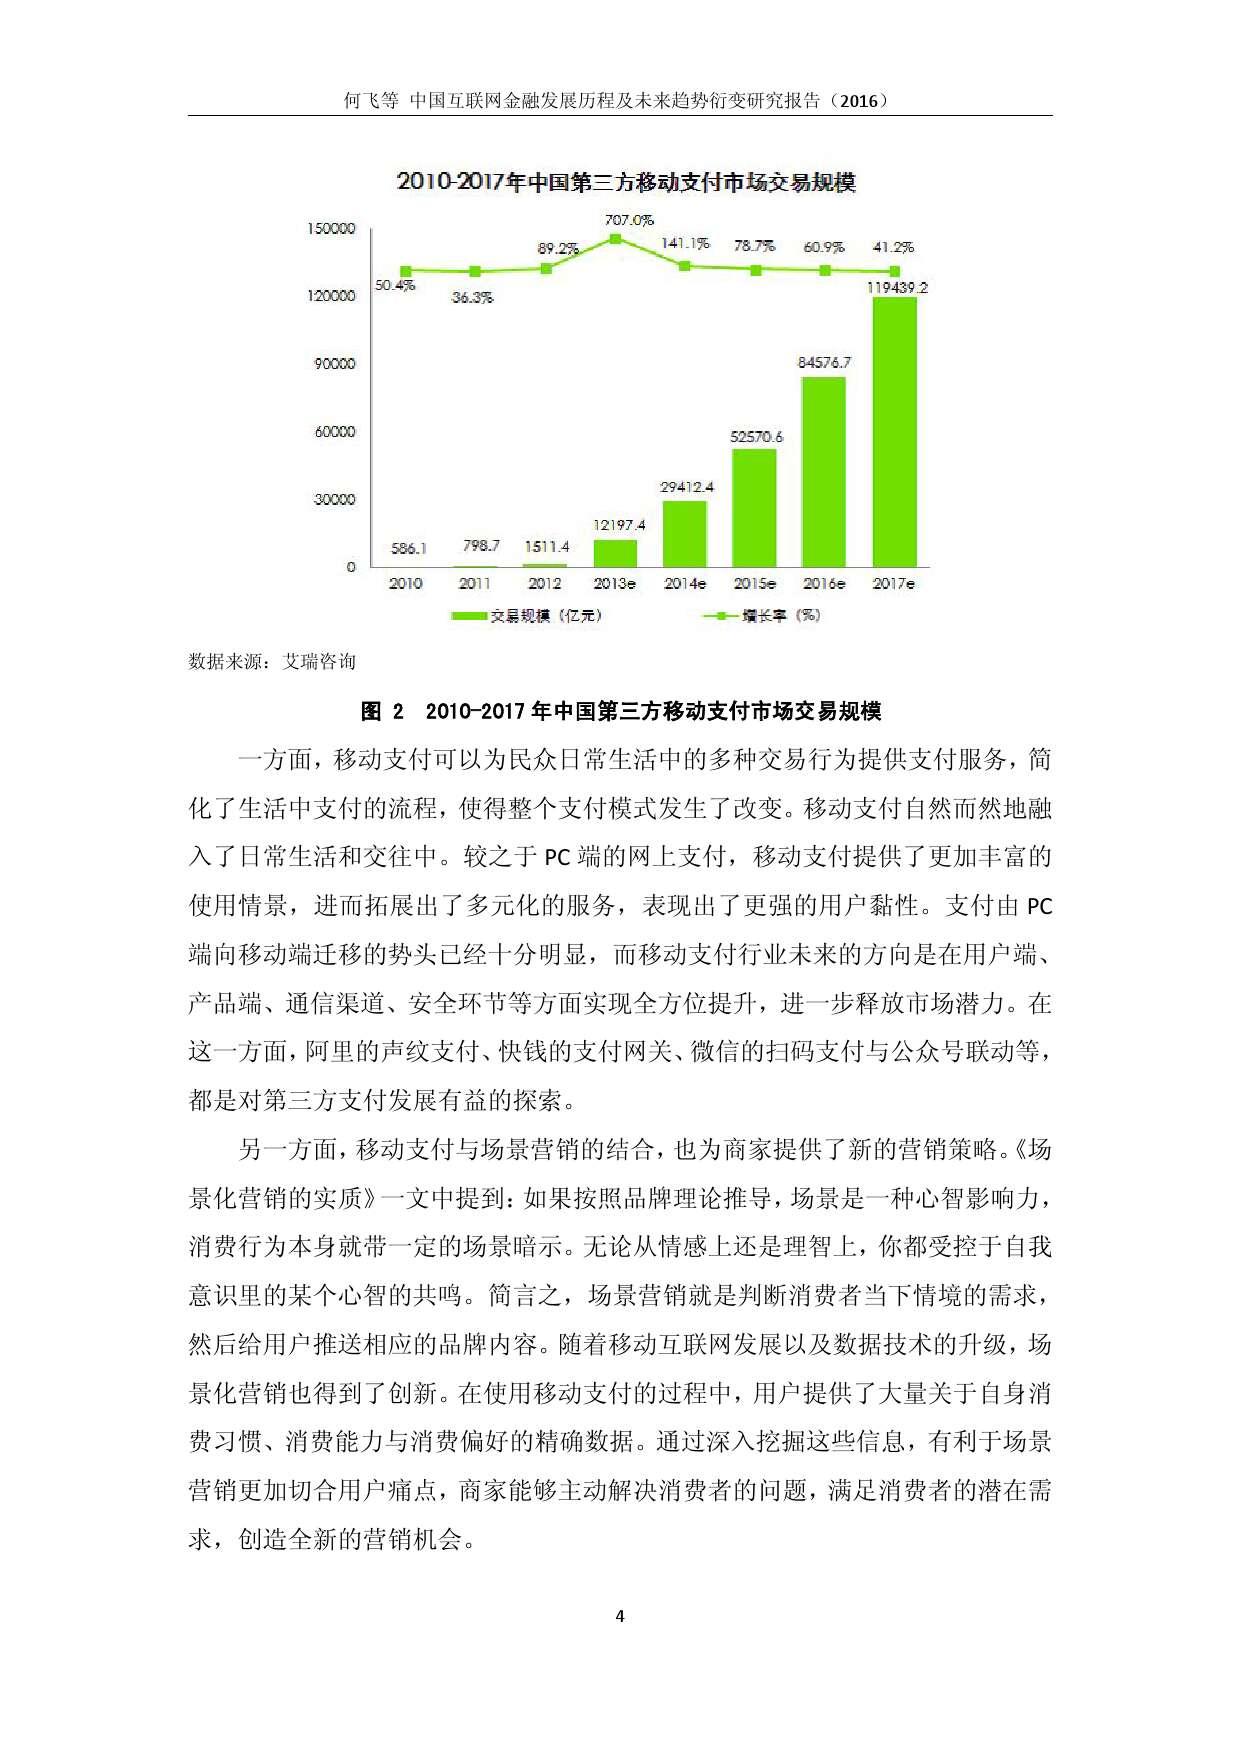 中国互联网金融发展历程及未来趋势衍变研究报告(2016)_000009